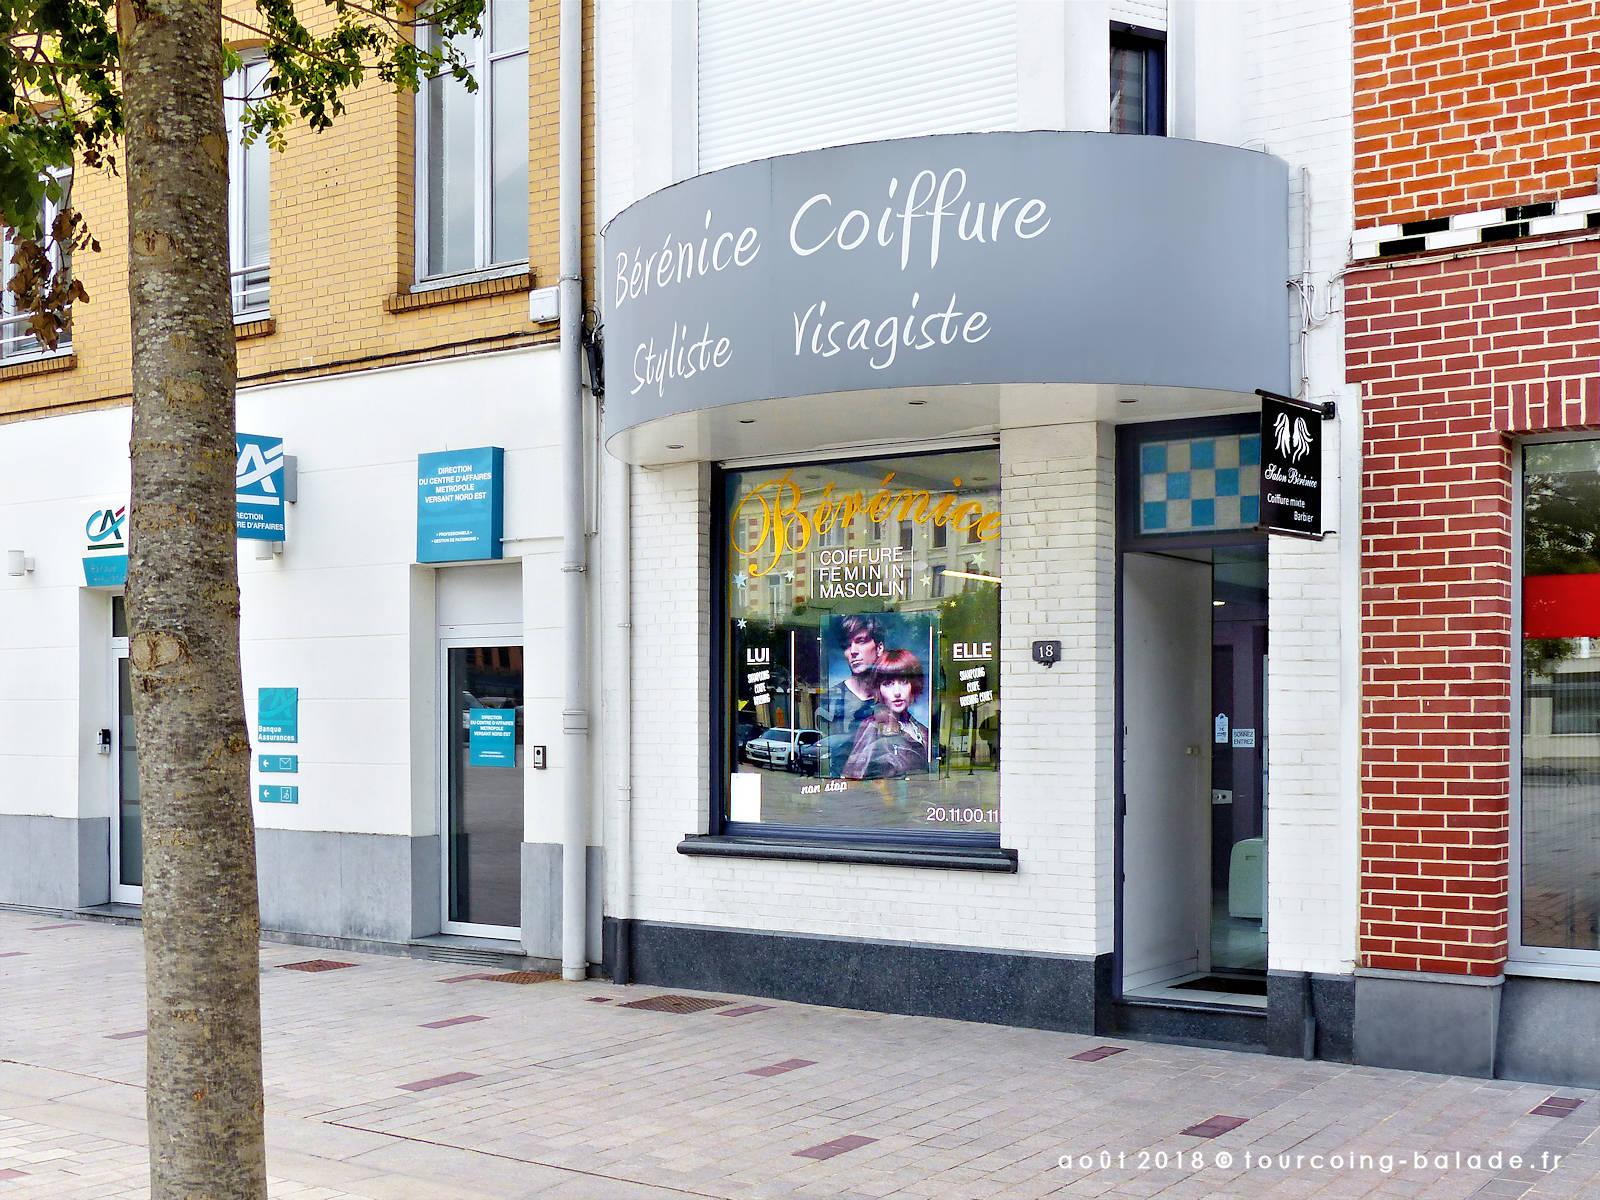 Salon de coiffure Bérénice, Tourcoing 2018.